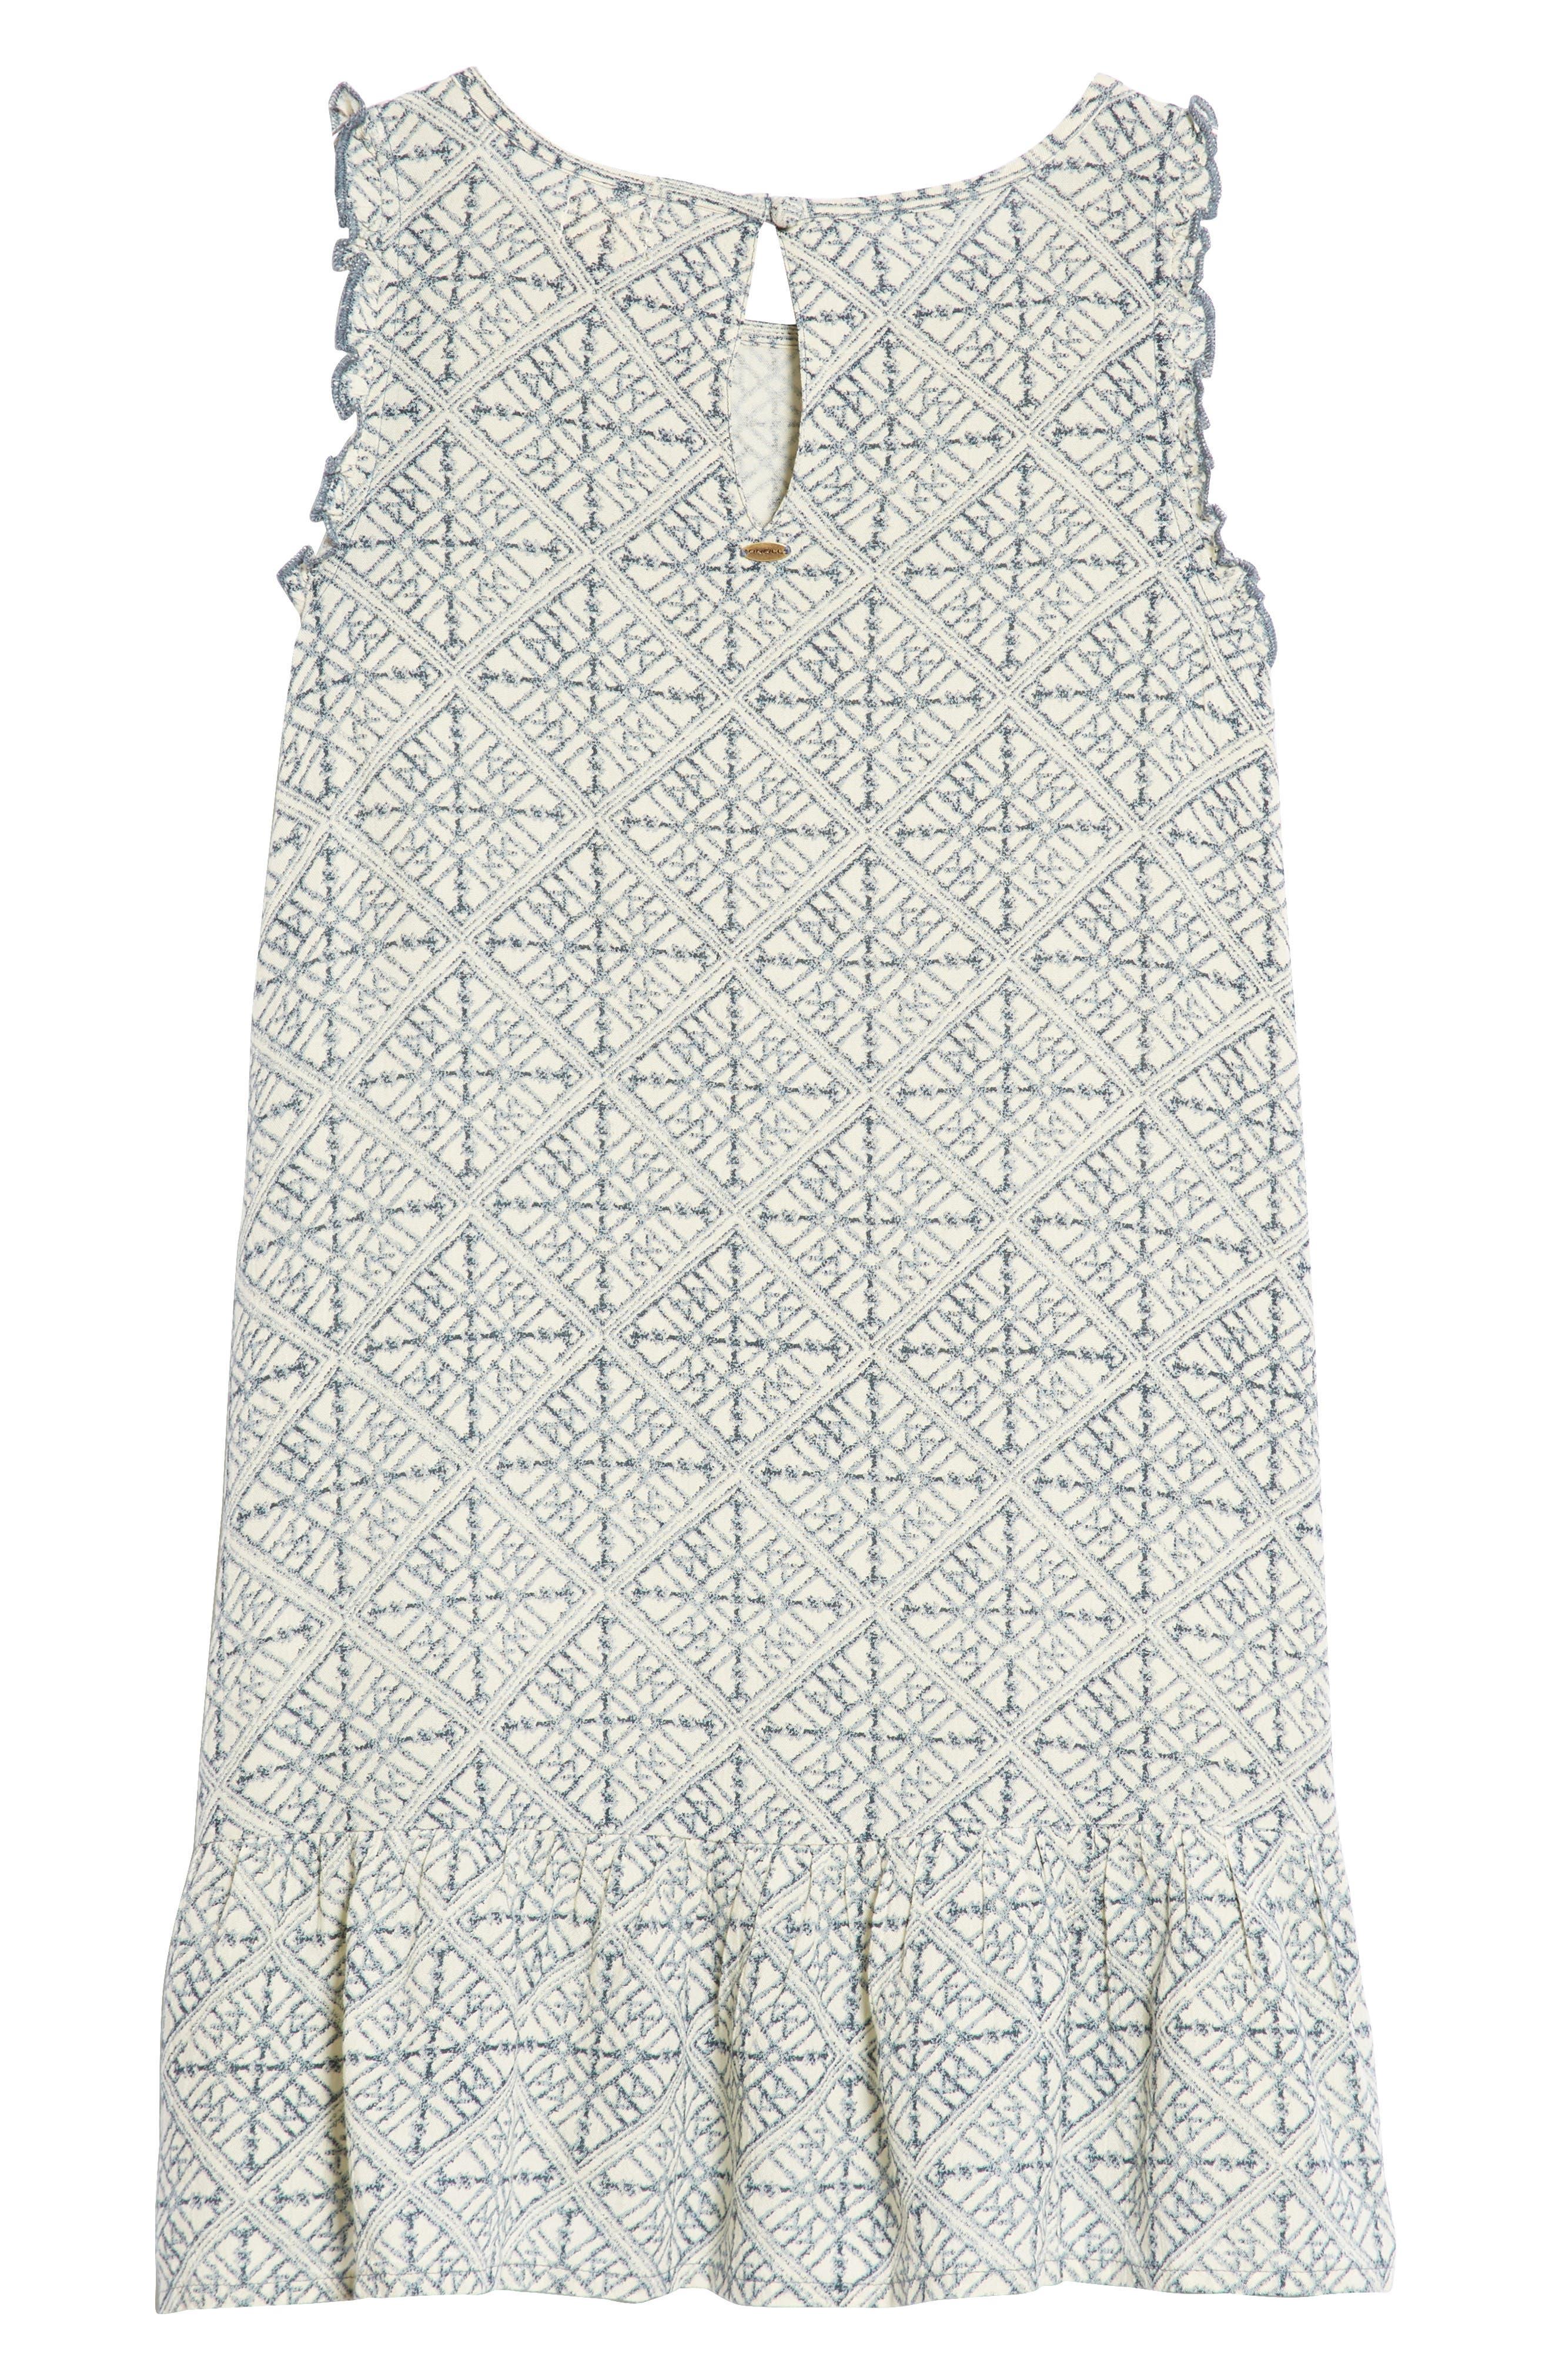 Lani Geo Print Shift Dress,                             Alternate thumbnail 2, color,                             Eventide